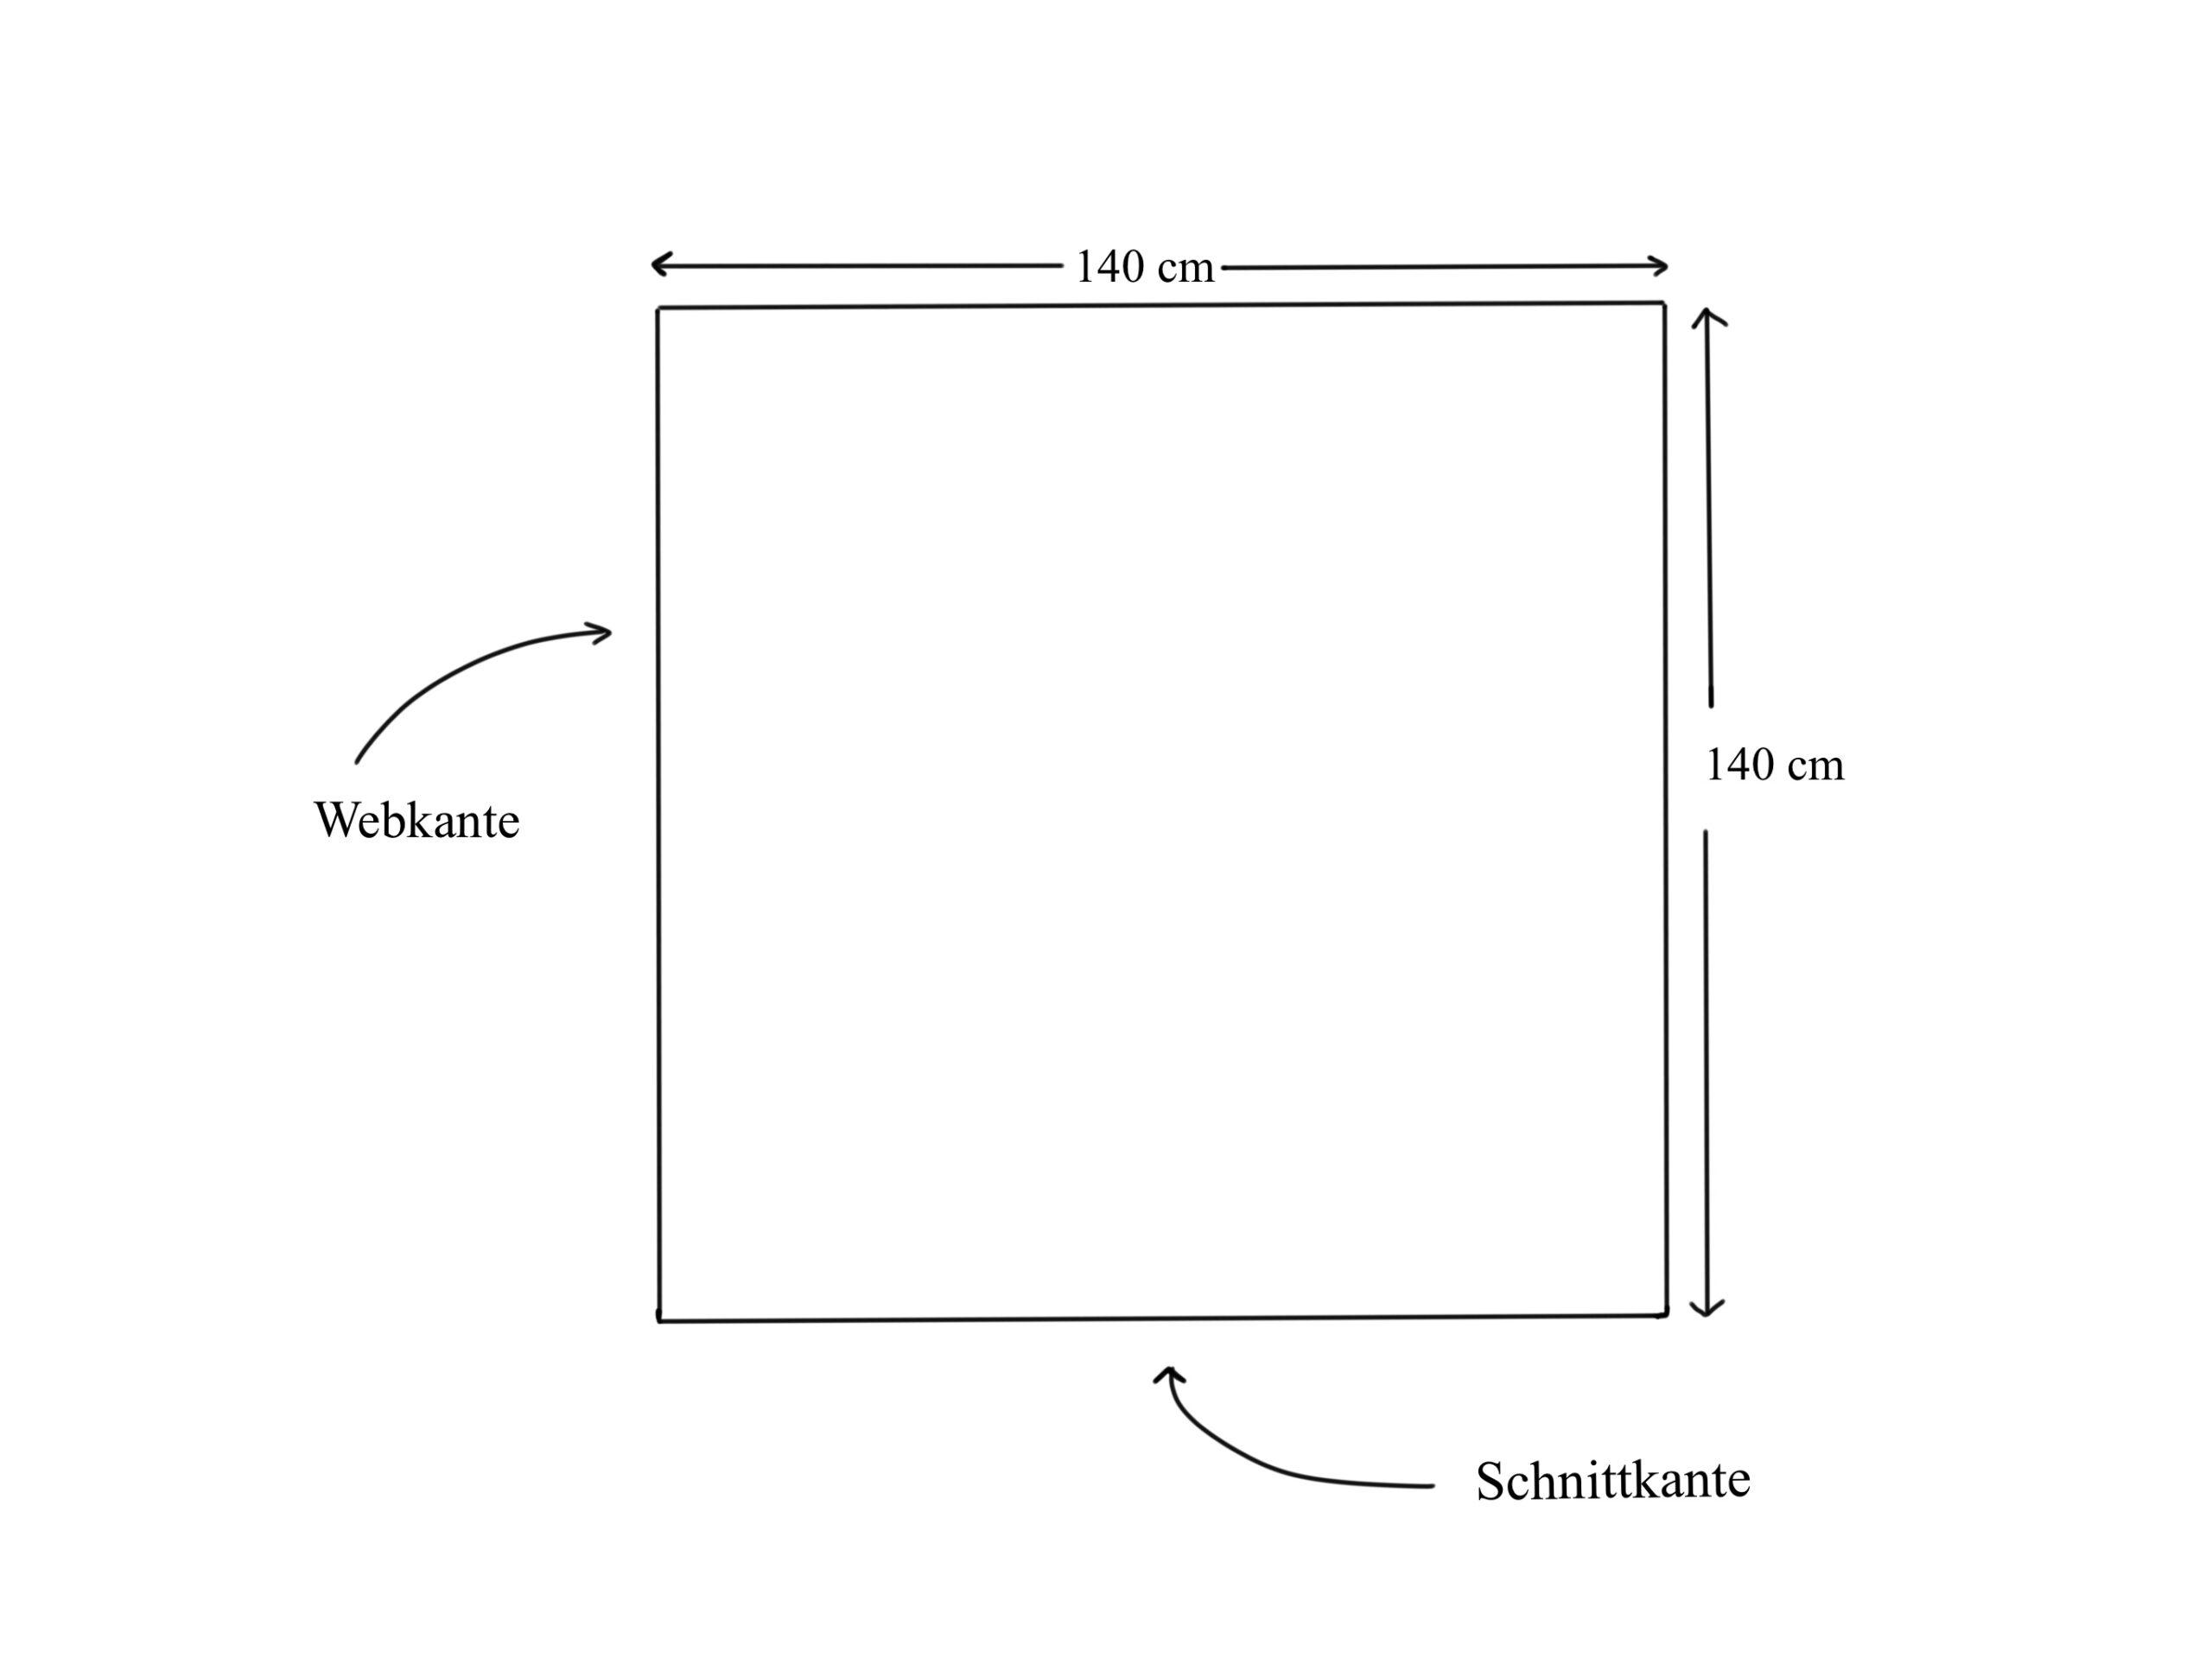 Nähanleitung: Dreieckstuch nähen